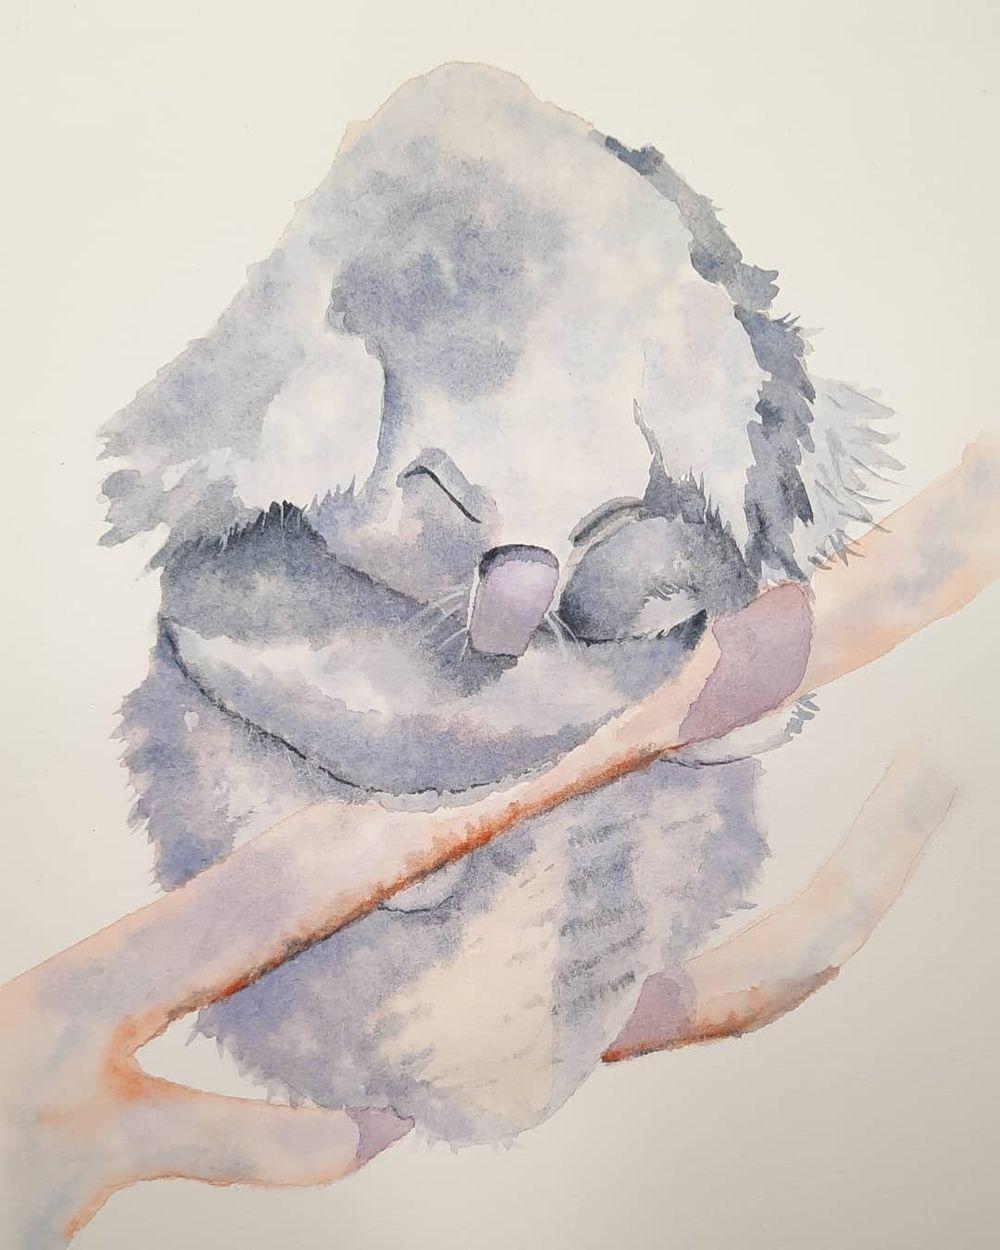 Sleepy Koala ♡ - image 1 - student project